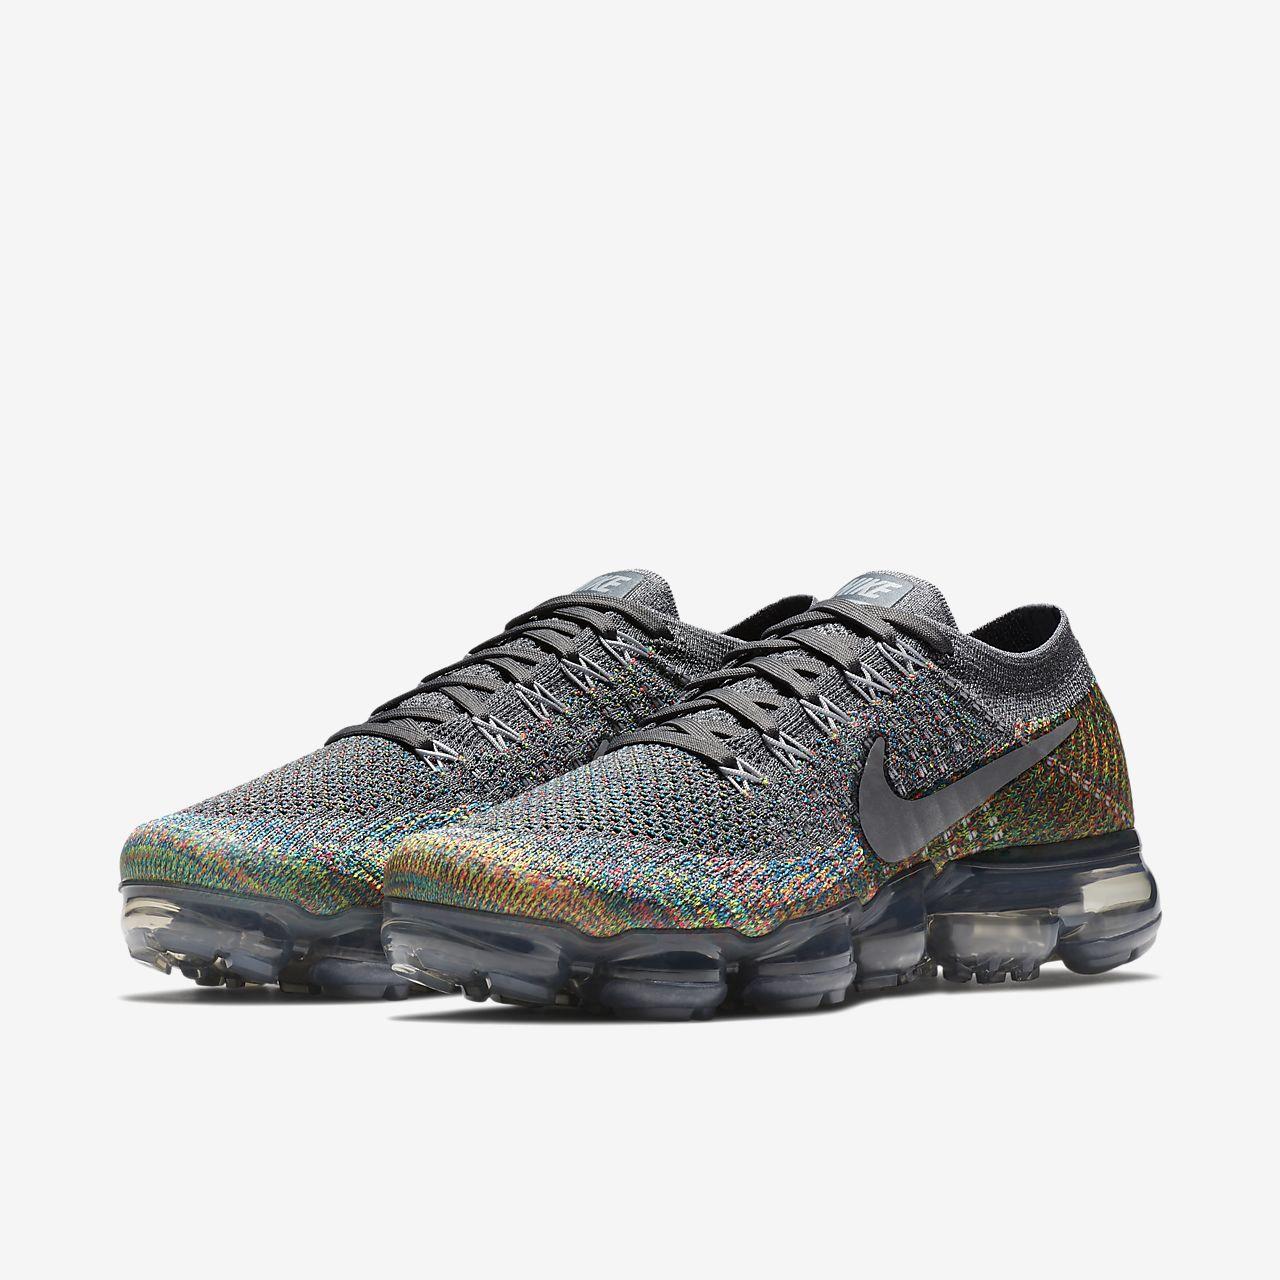 ... Nike Air VaporMax Flyknit Women's Running Shoe